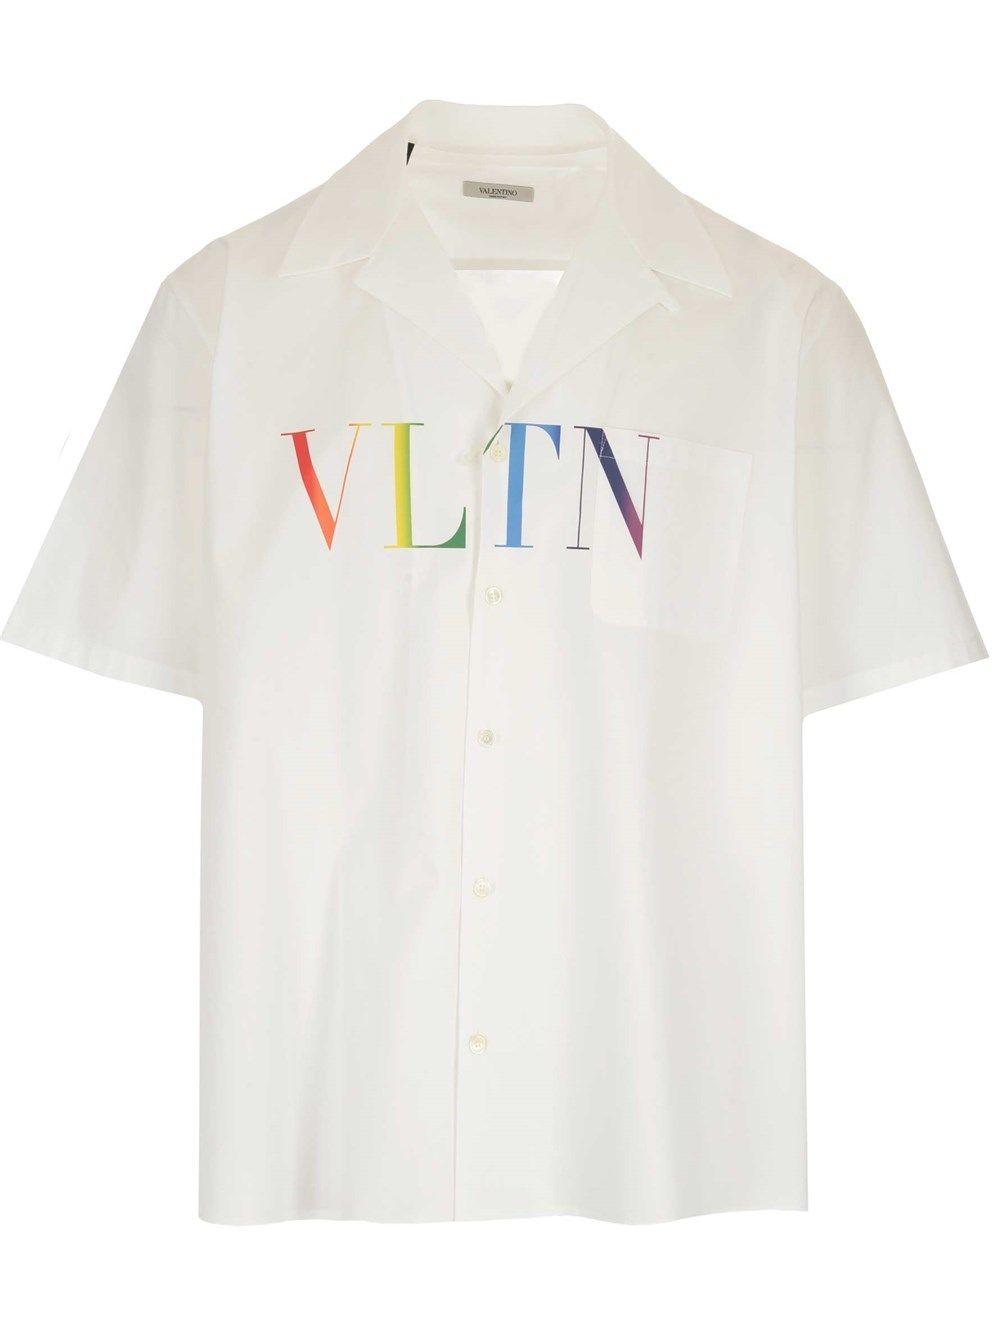 Valentino Shirts VALENTINO MEN'S WHITE OTHER MATERIALS SHIRT